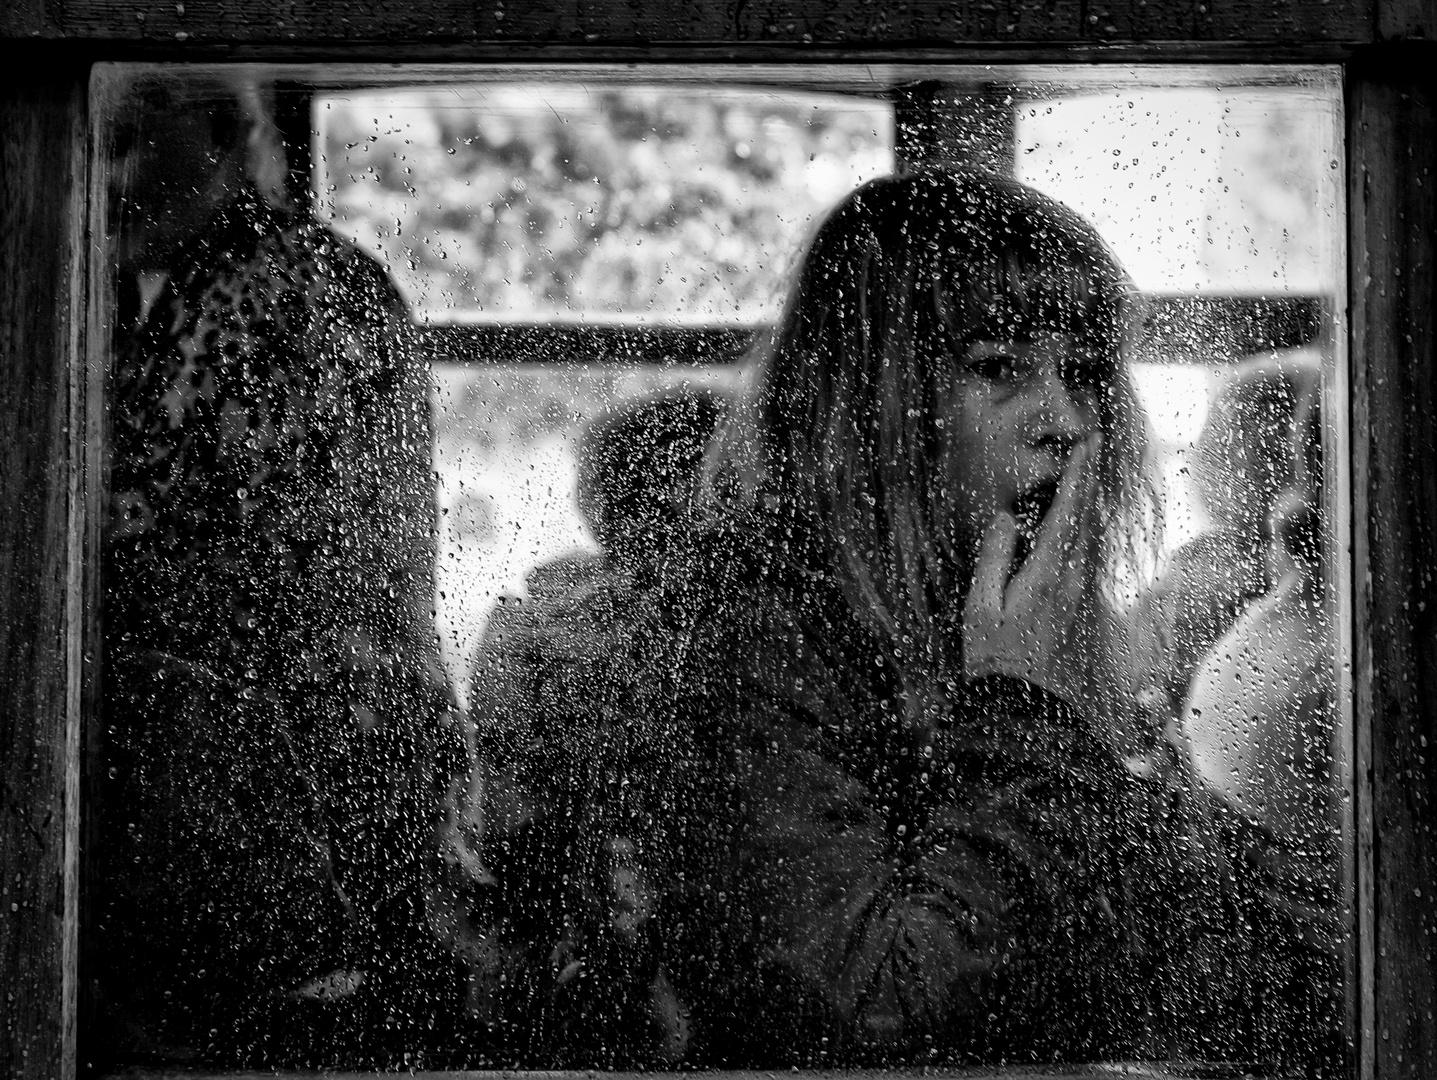 Rainy day in Lisboa